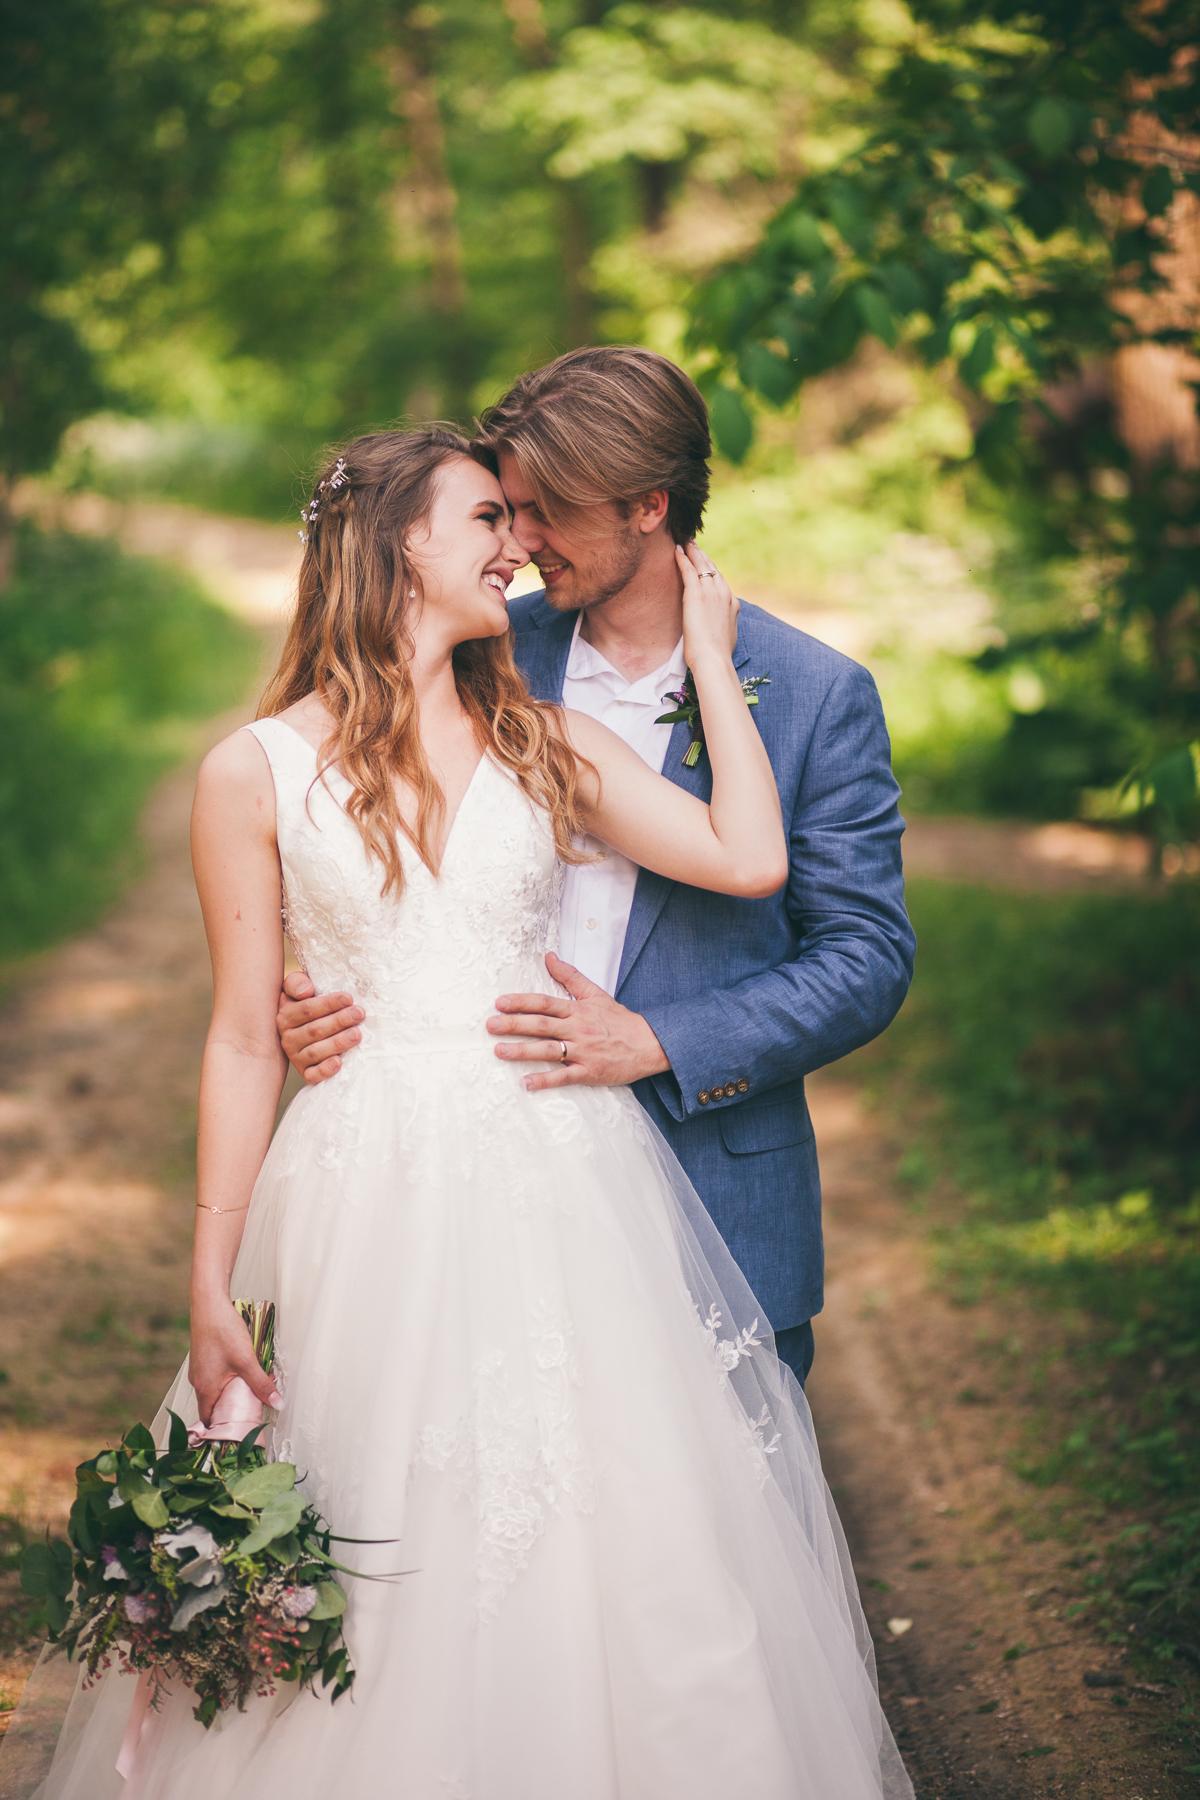 INSTAGRAM 2019-06-01 Kaitlynn and Luke Wedding 170359 32191-4.jpg